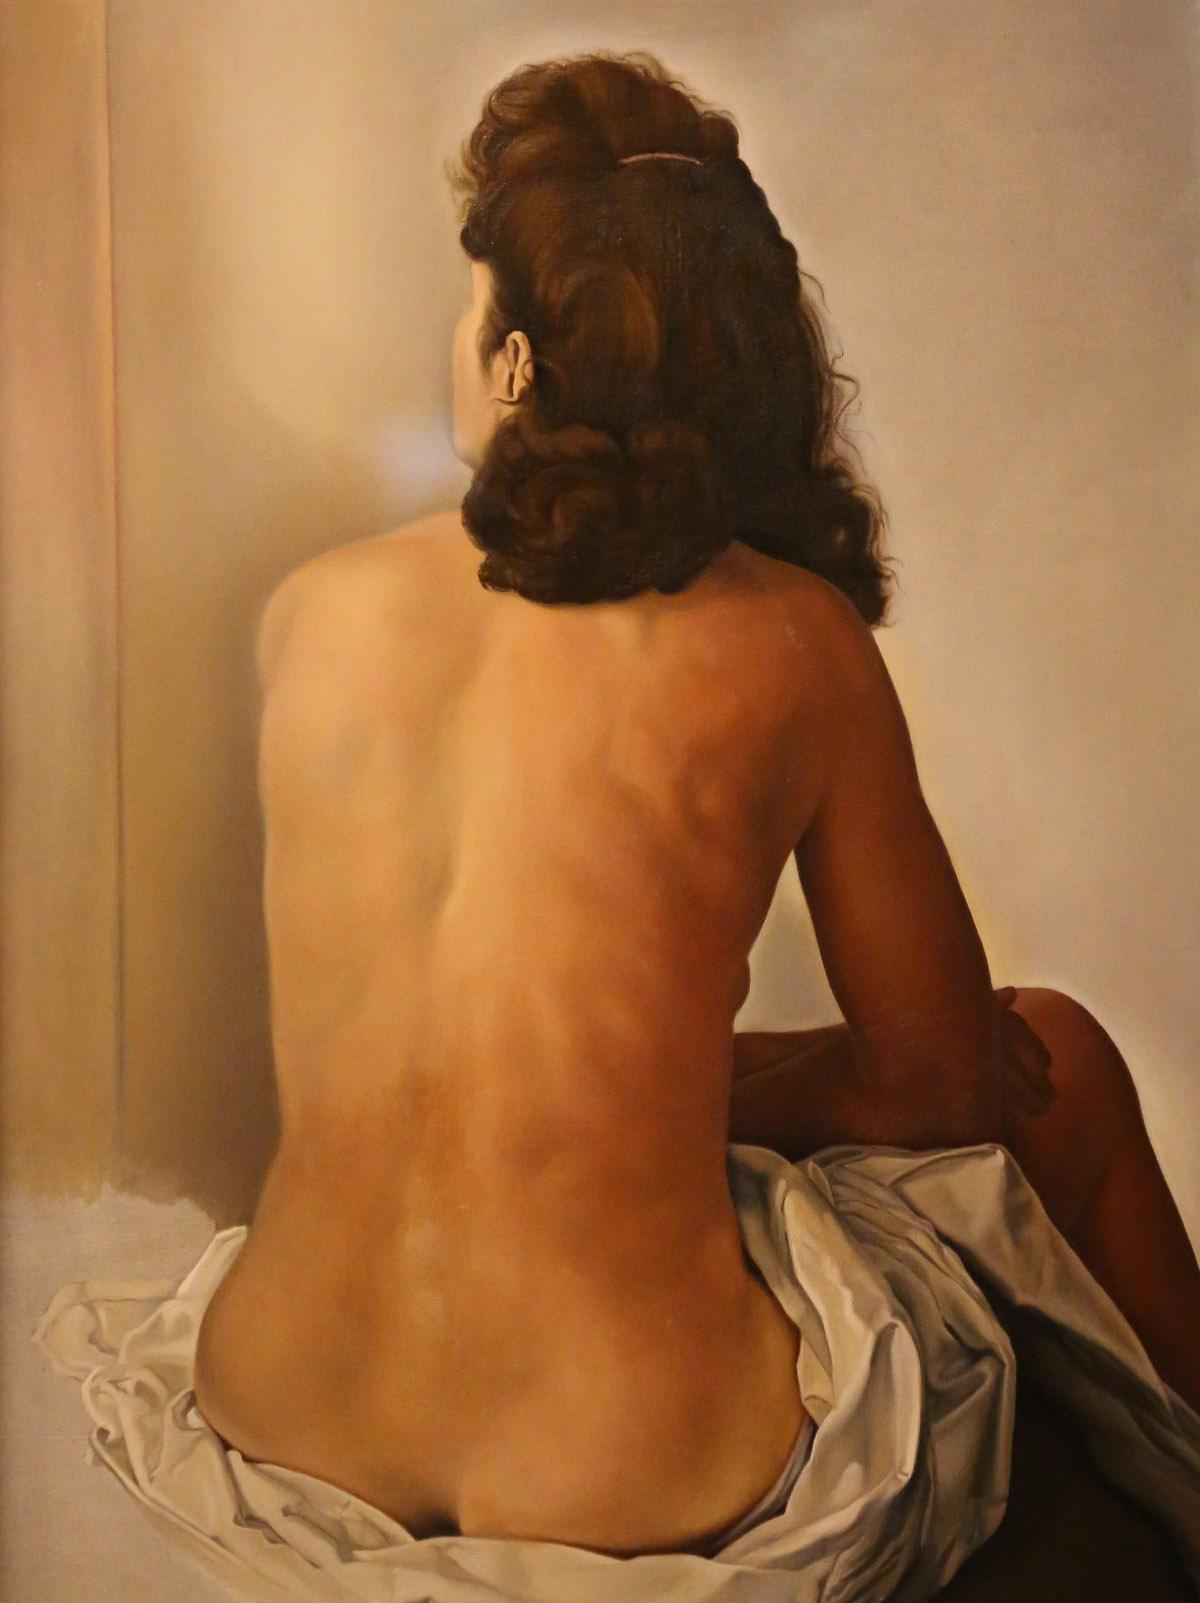 Gala de dos, regardant un miroir invisible, par Salvadore Dali, huile sur toile 1960, Musée Théâtre Dali de Figueres, photo Serge Briez®